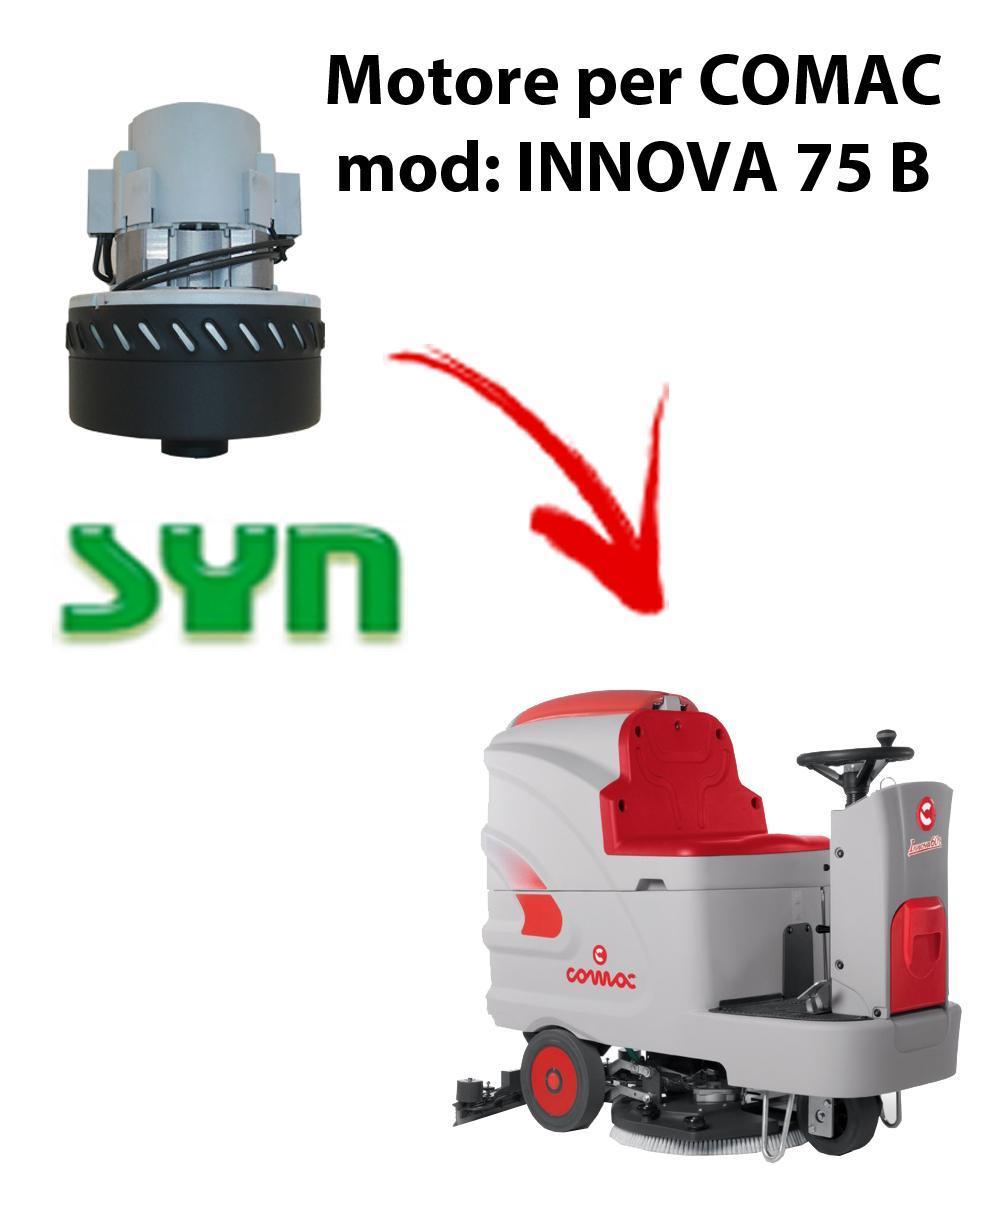 INNOVA 75 B Motore de aspiración SYN para fregadora Comac